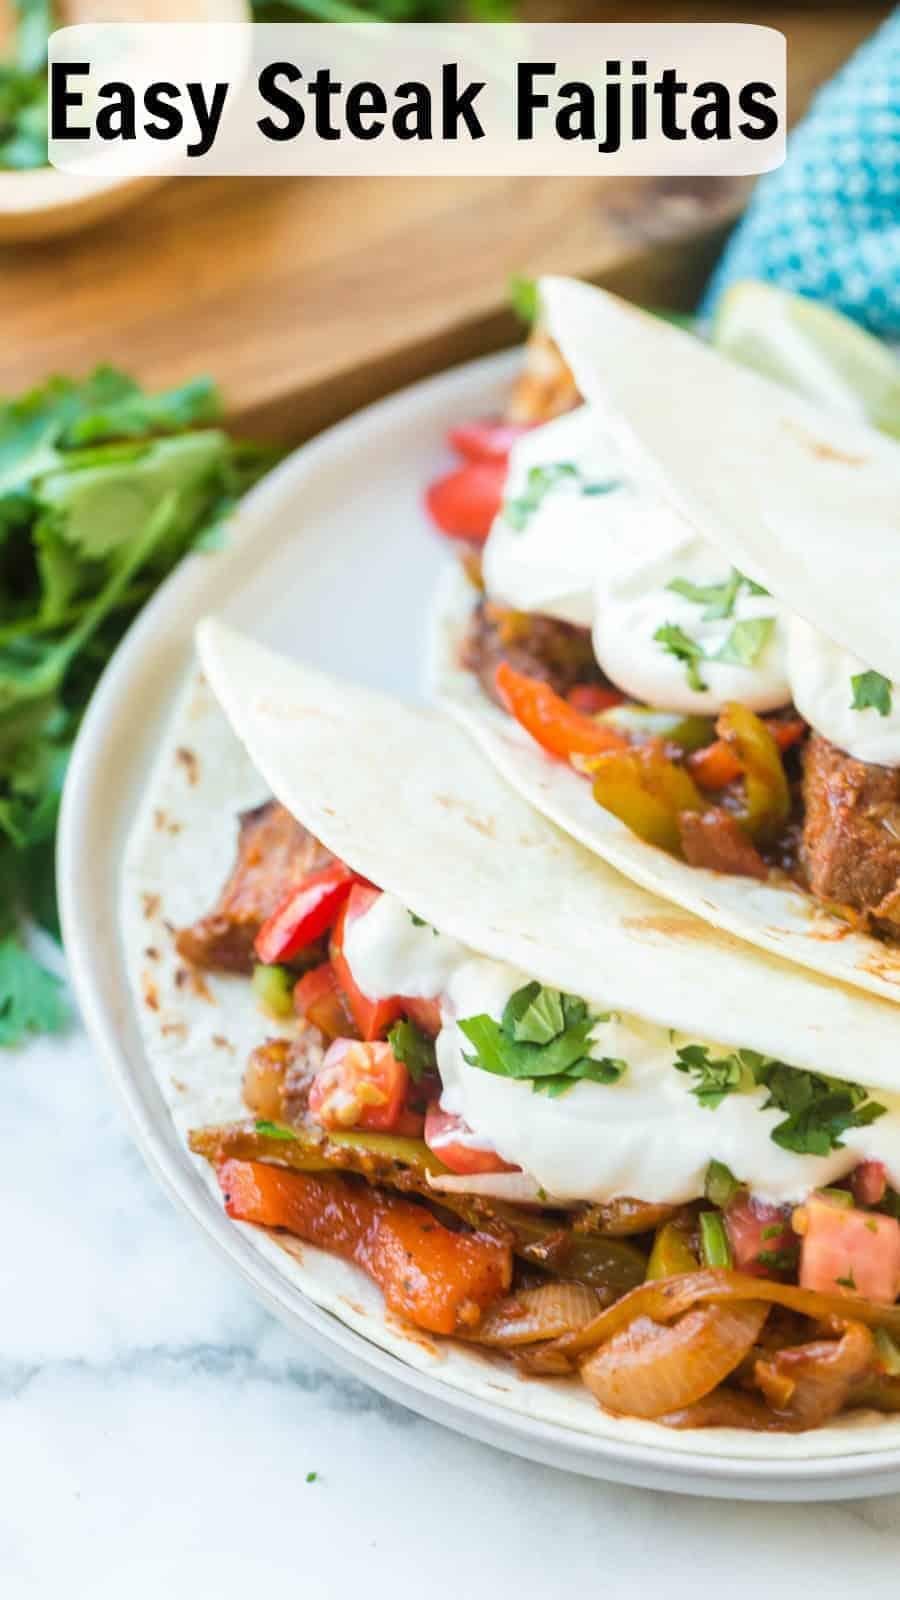 Easy steak fajitas come together fast with simple, fresh ingredients, including onion, peppers, salsa, pre-grilled steaks, and smoky, savory seasonings. #fajitas #steak #steakfajitas #texmex #mexicanfood #grilledsteak